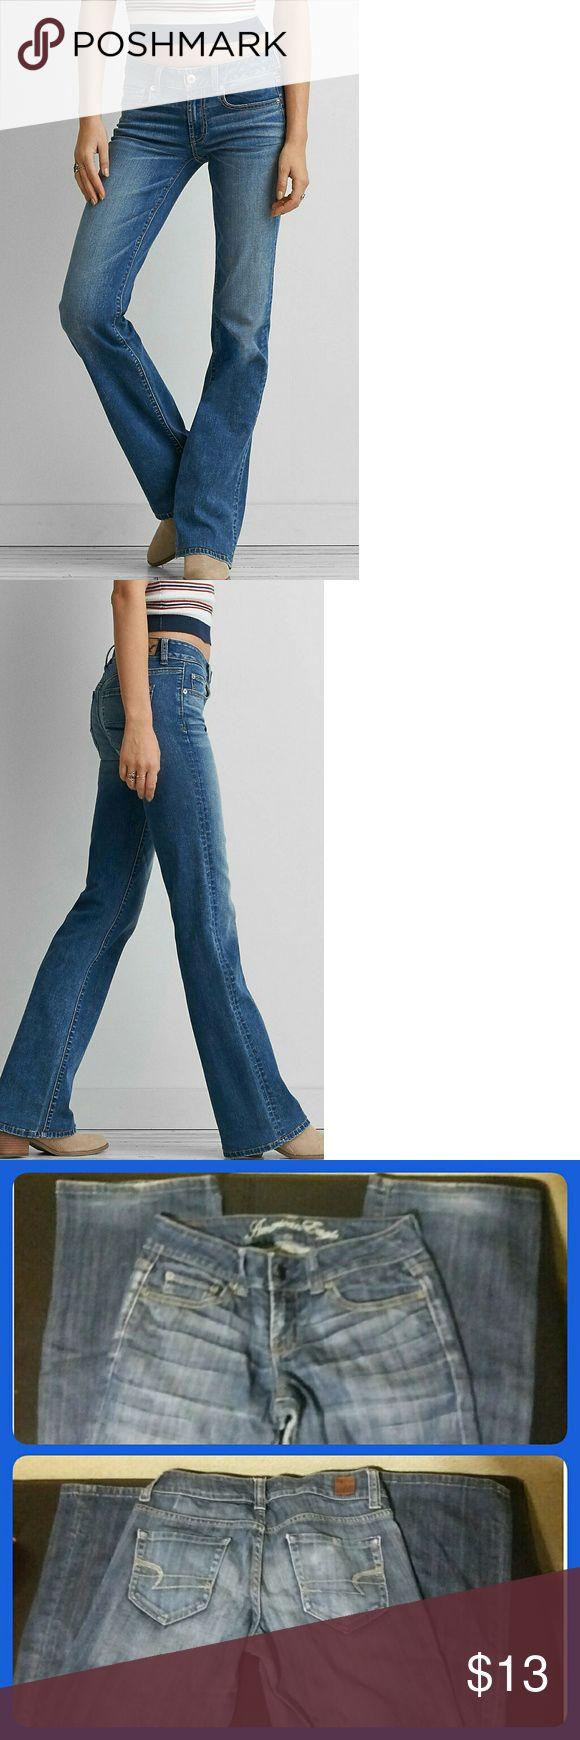 American Eagle Favorite Boyfriend Jean American eagle favorite boyfriend jean size 2 long. American Eagle Outfitters Jeans Boyfriend